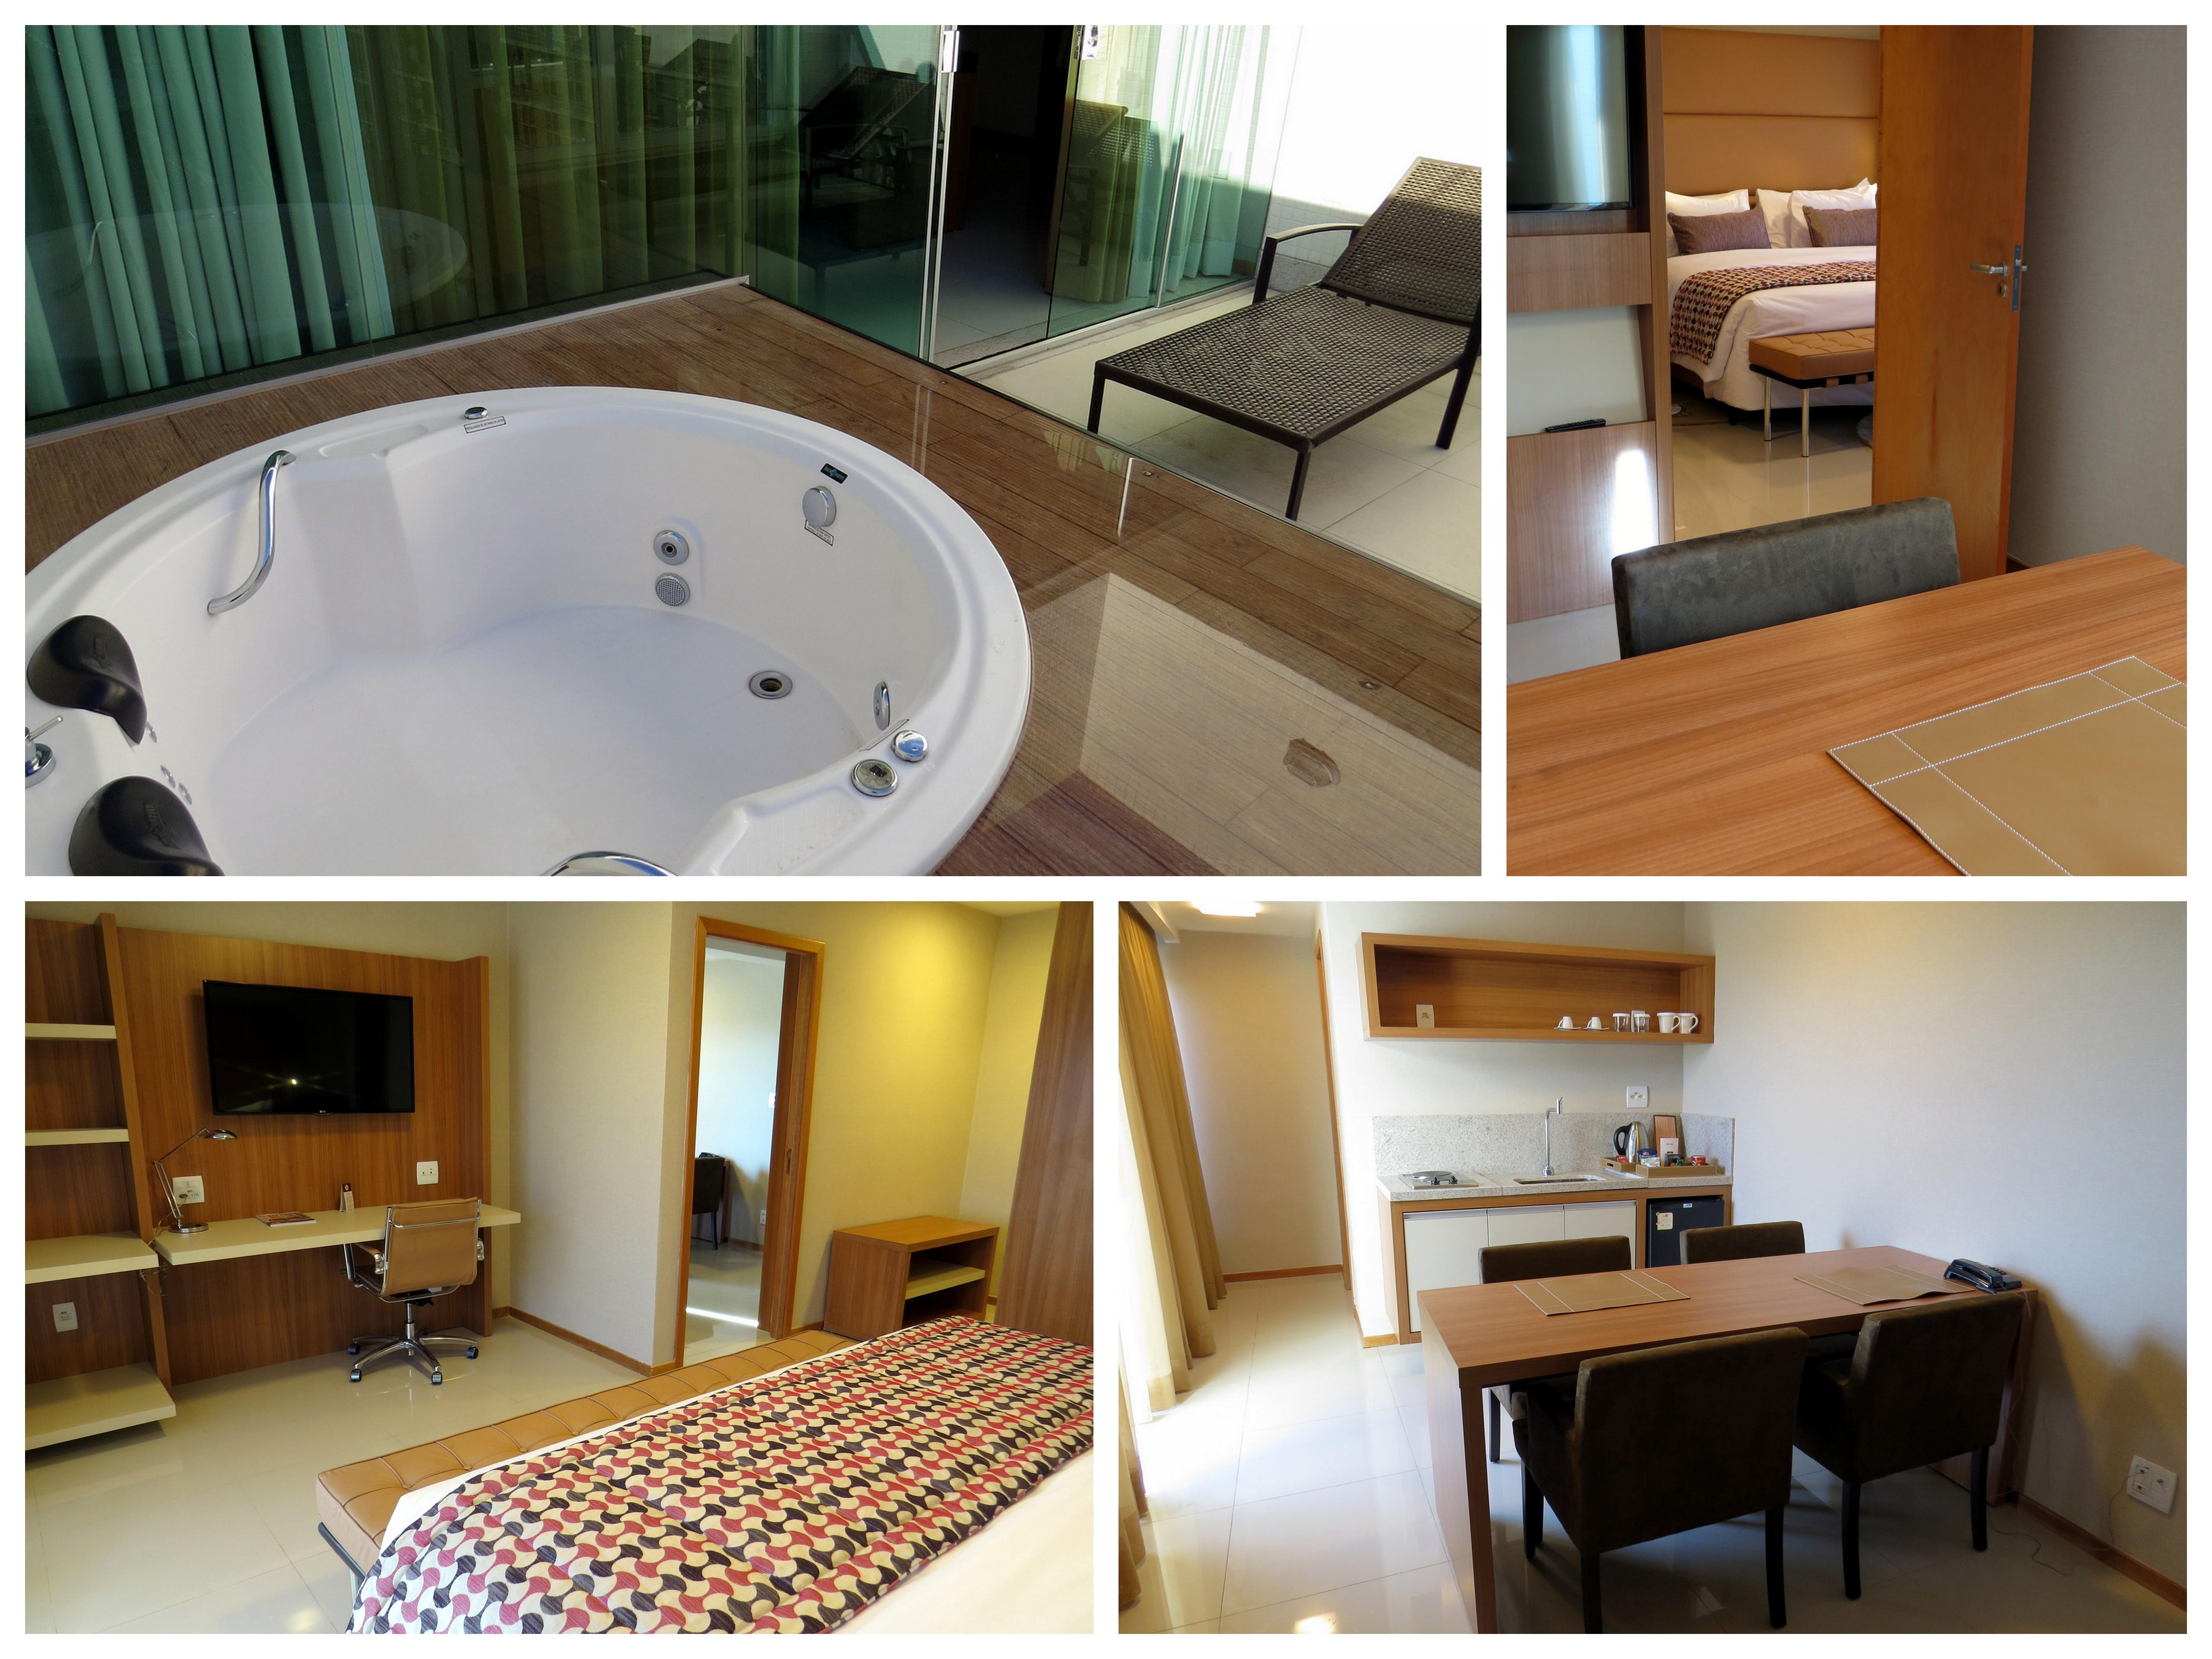 banheiros mesa de jantar e banheira de hidromassagem na varanda #6A4321 5120x3840 Balança Digital Para Banheiro Em Fortaleza